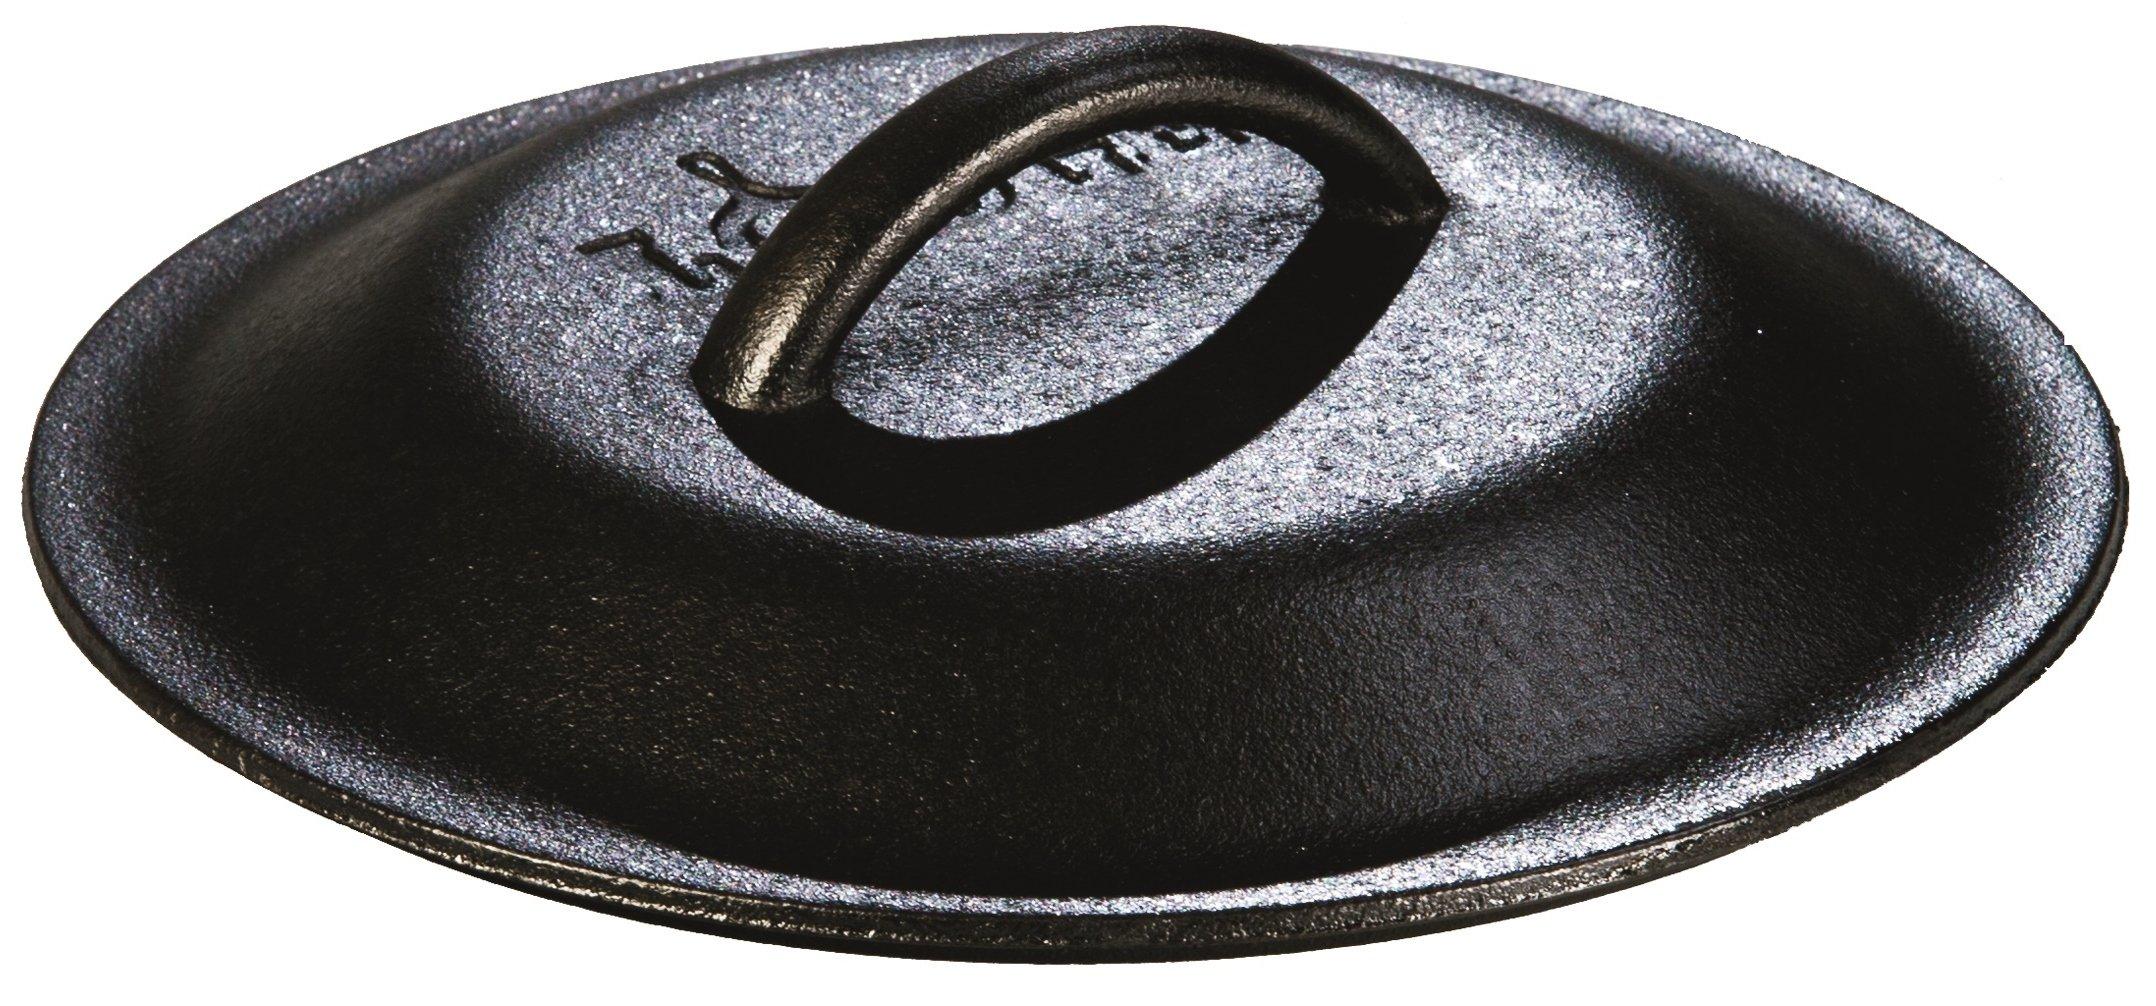 Lodge L5IC3 8-Inch Cast Iron Lid